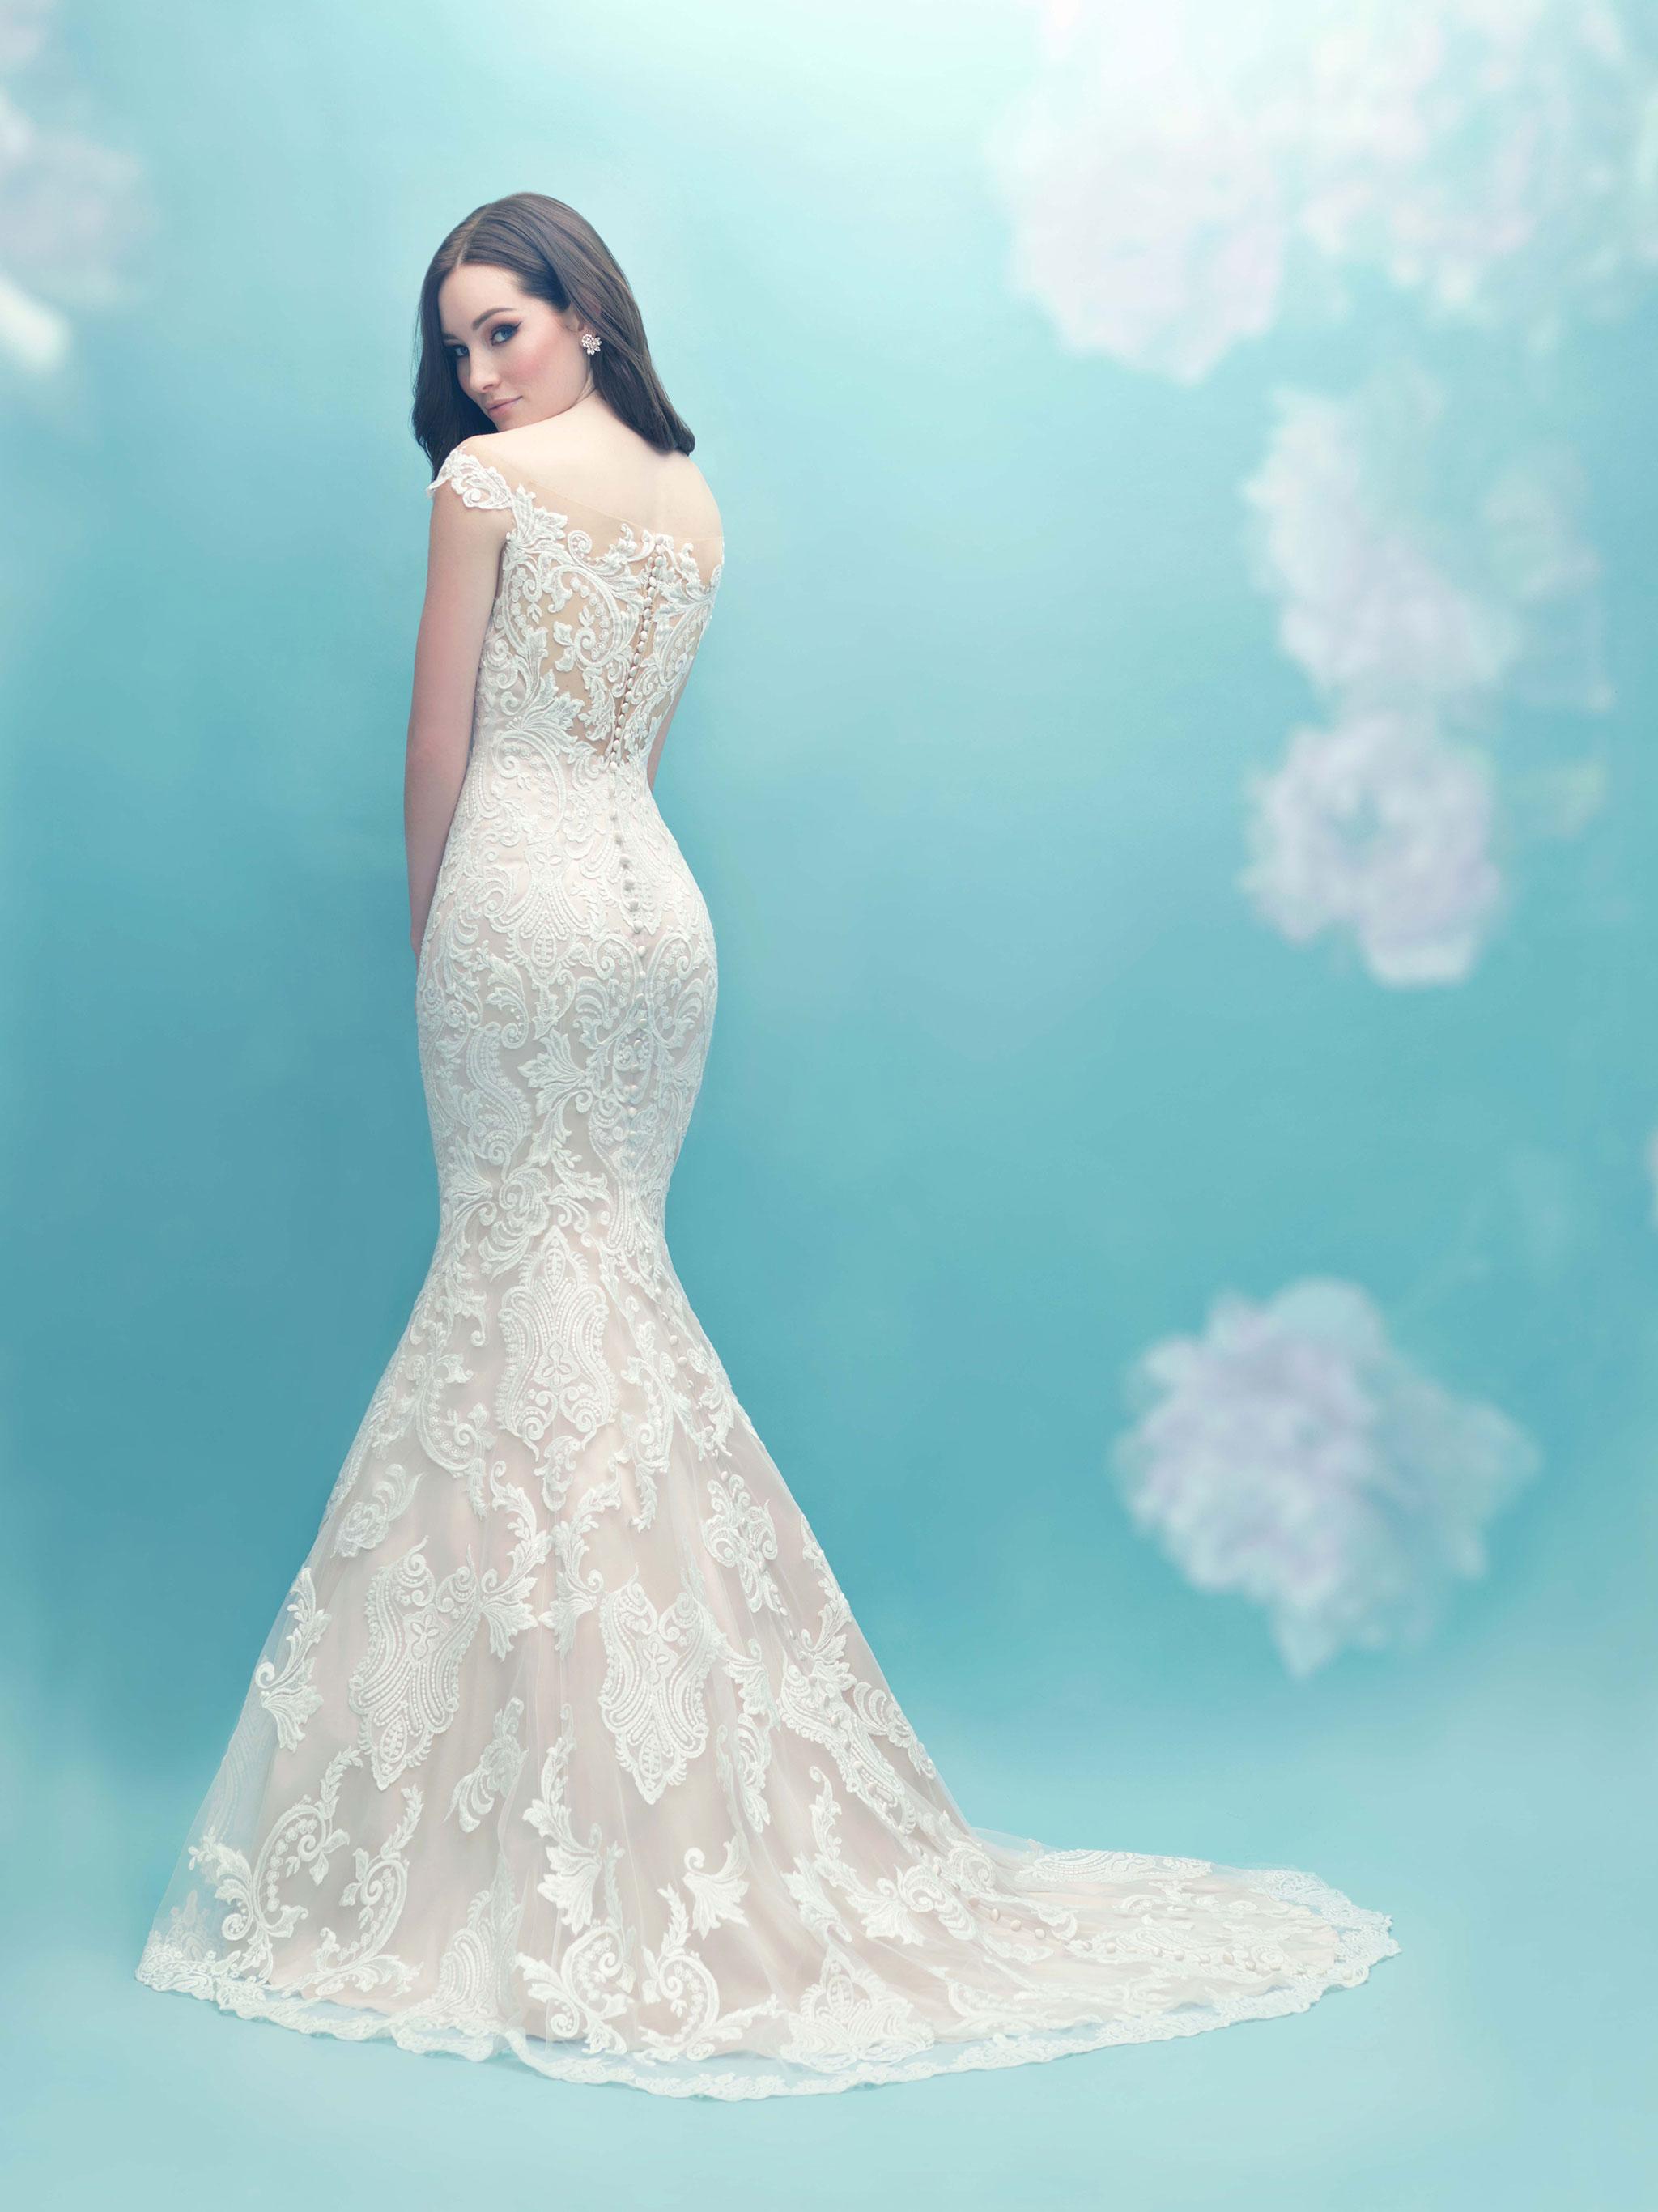 9474 by Allure Bridal at Lori g Bridal